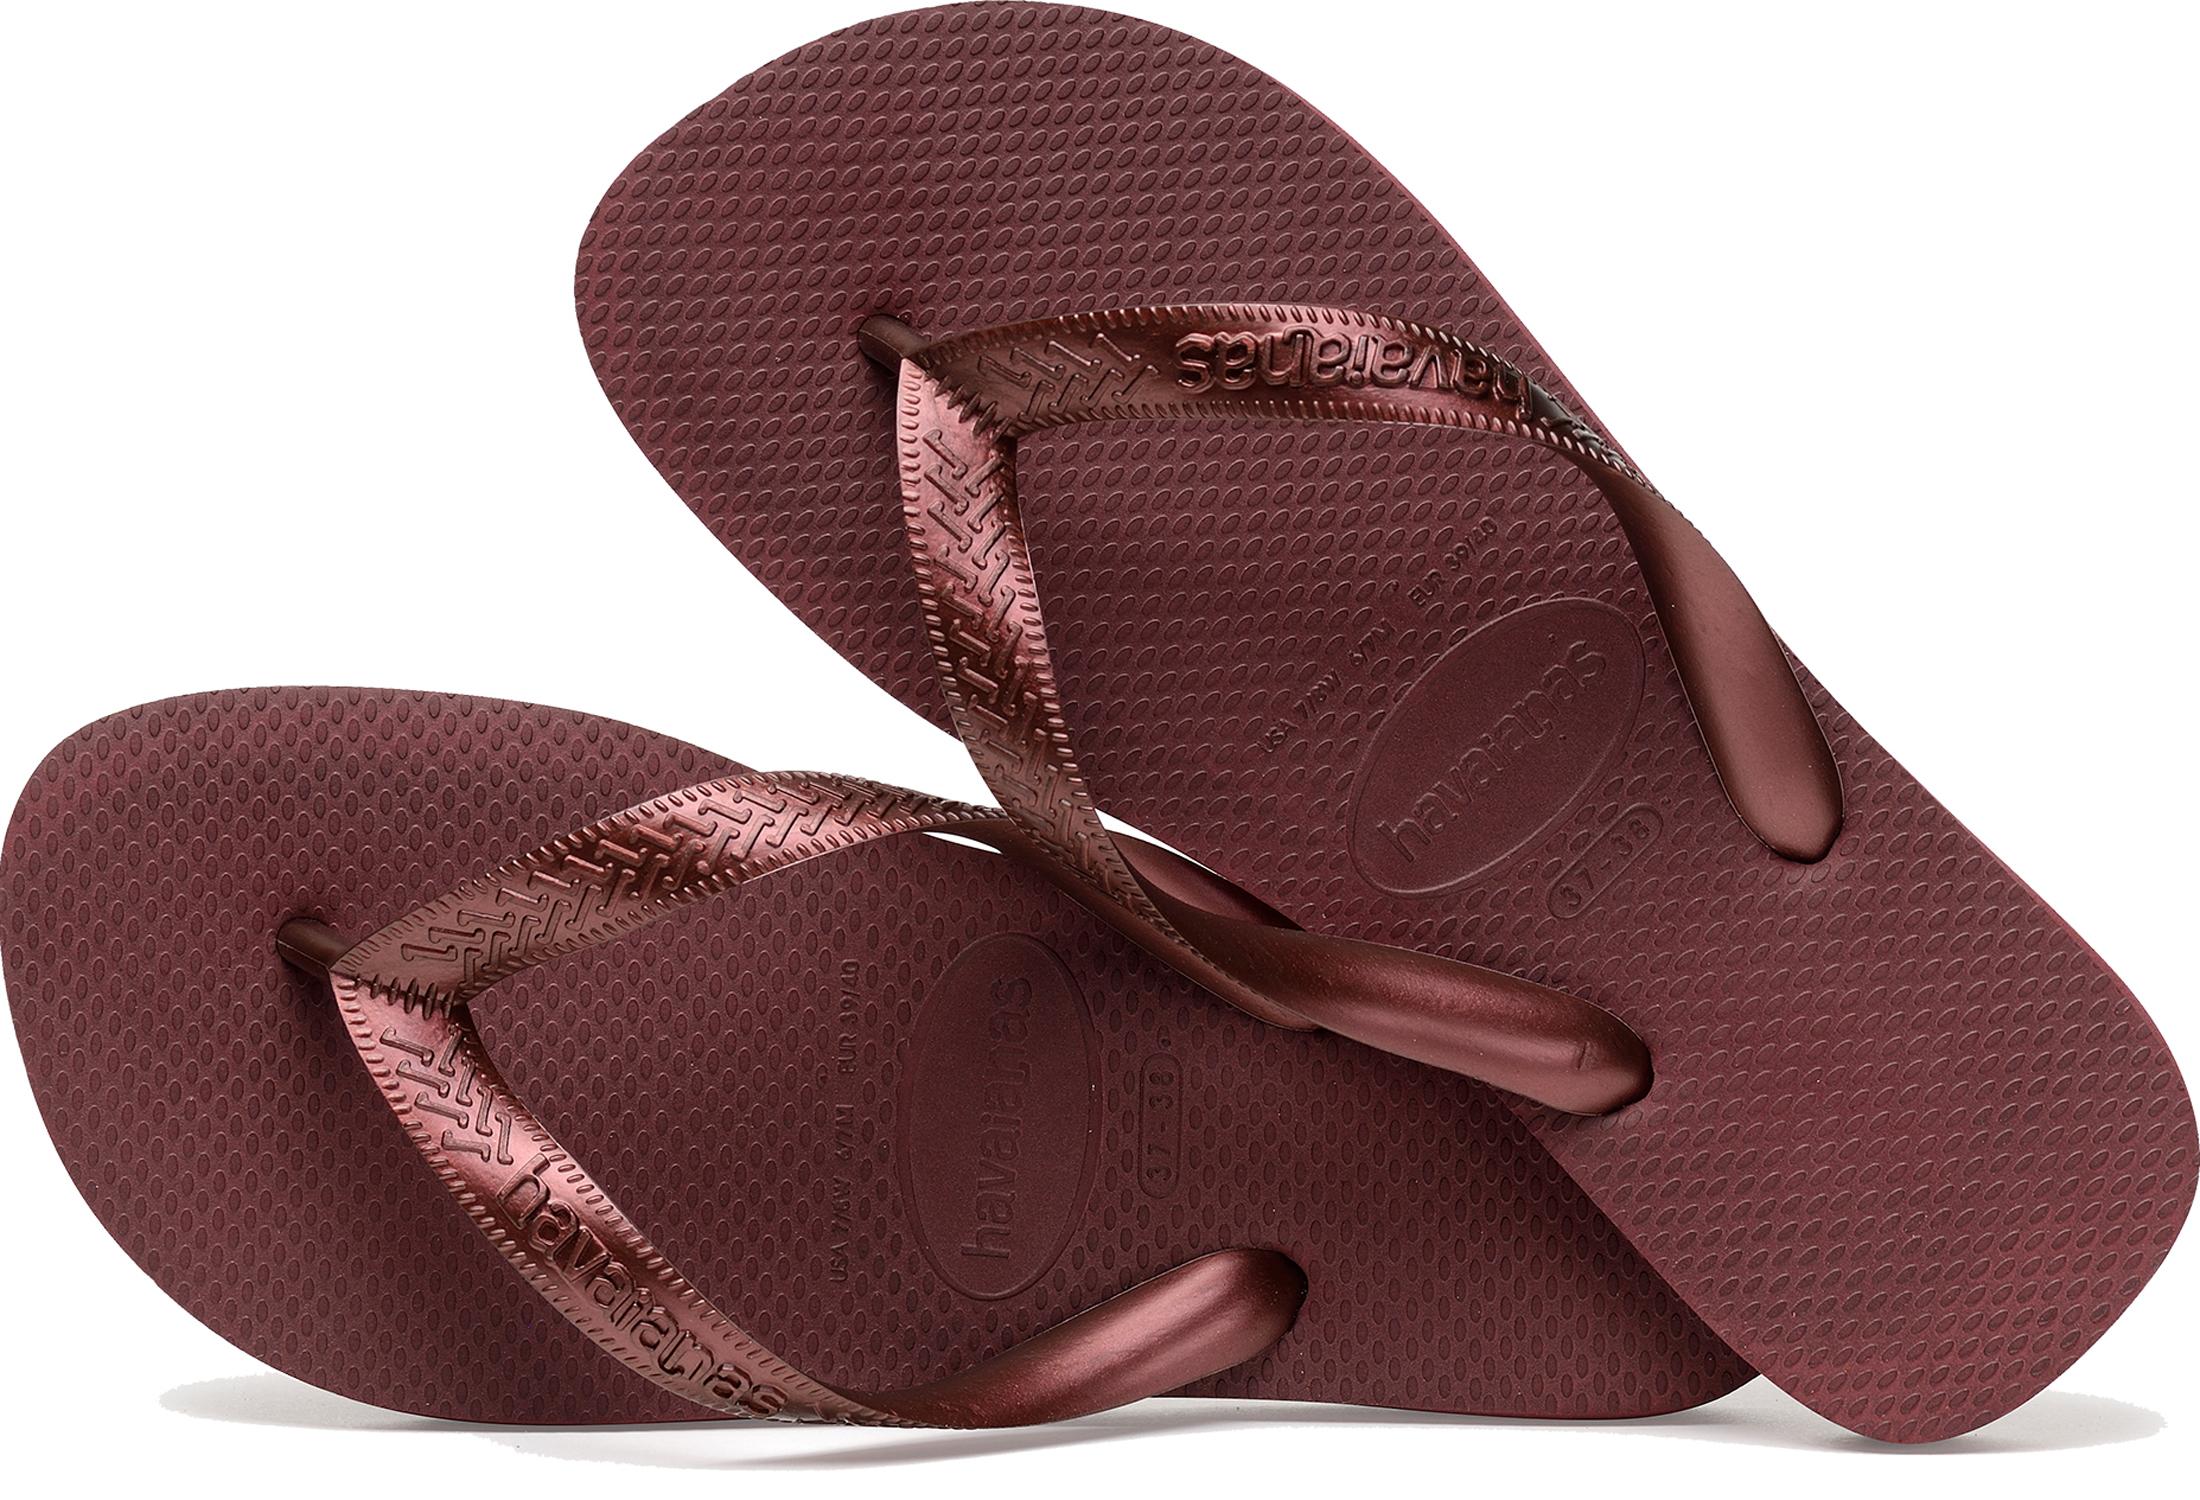 46585705d8c Havaianas Top Tiras Women s Flip Flops Metallic Coloured Strap Day ...